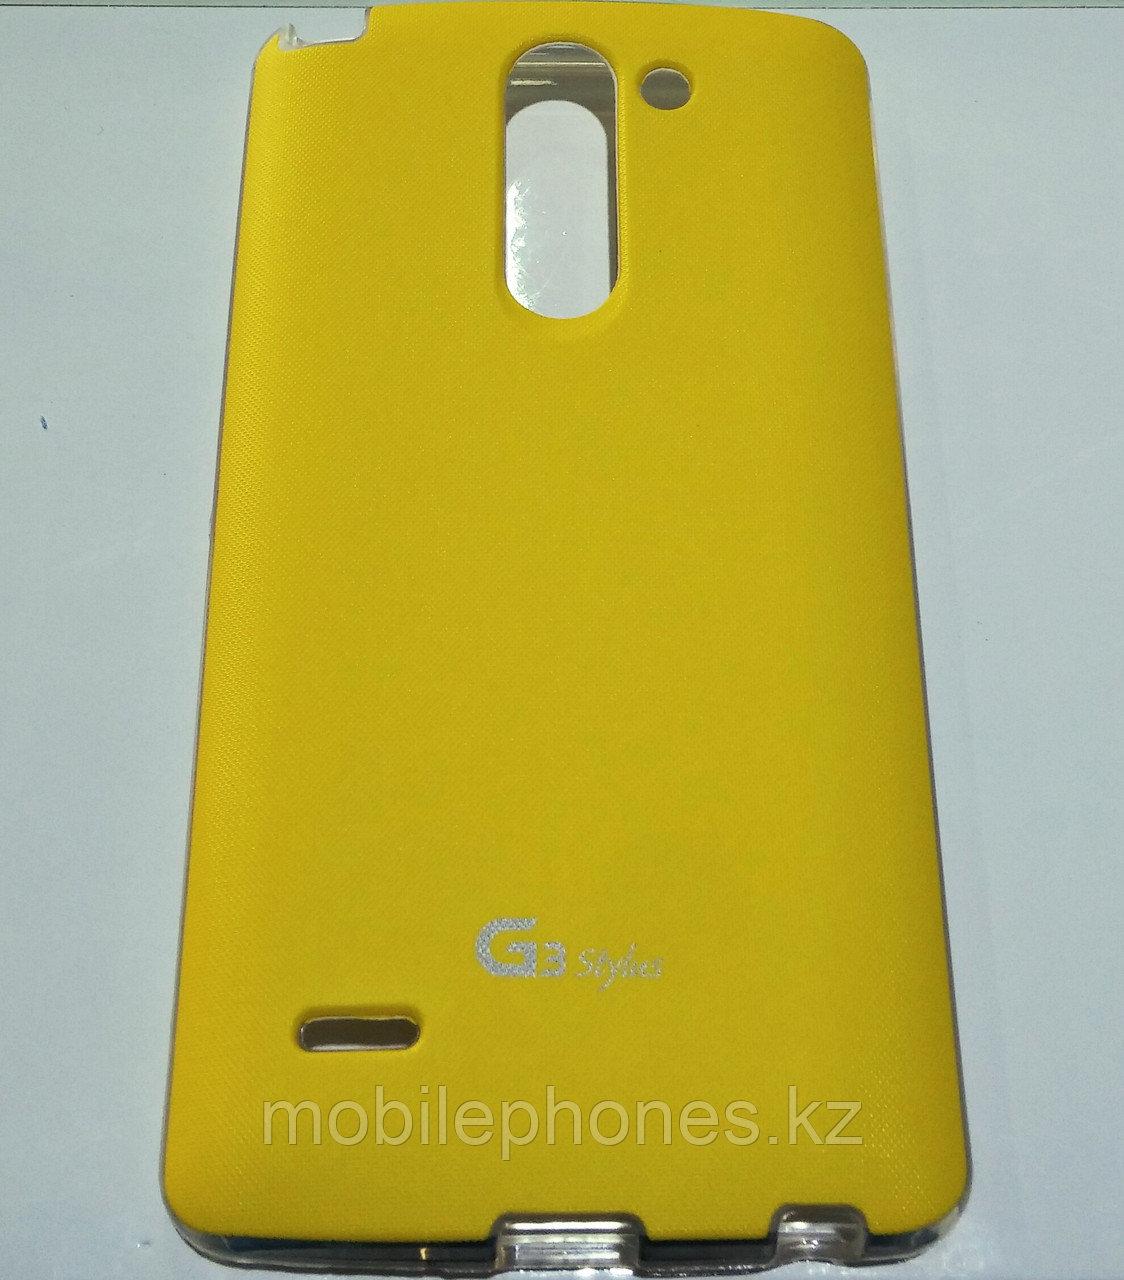 Чехол силикон LG G3 Stylus D690